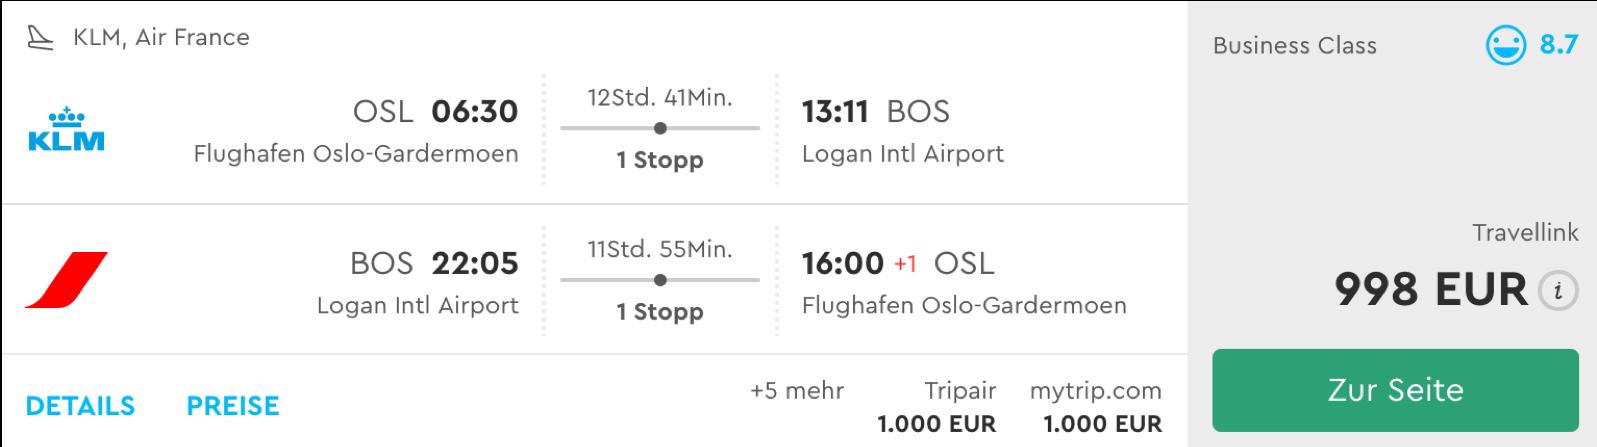 Business Class nach Boston fliegen